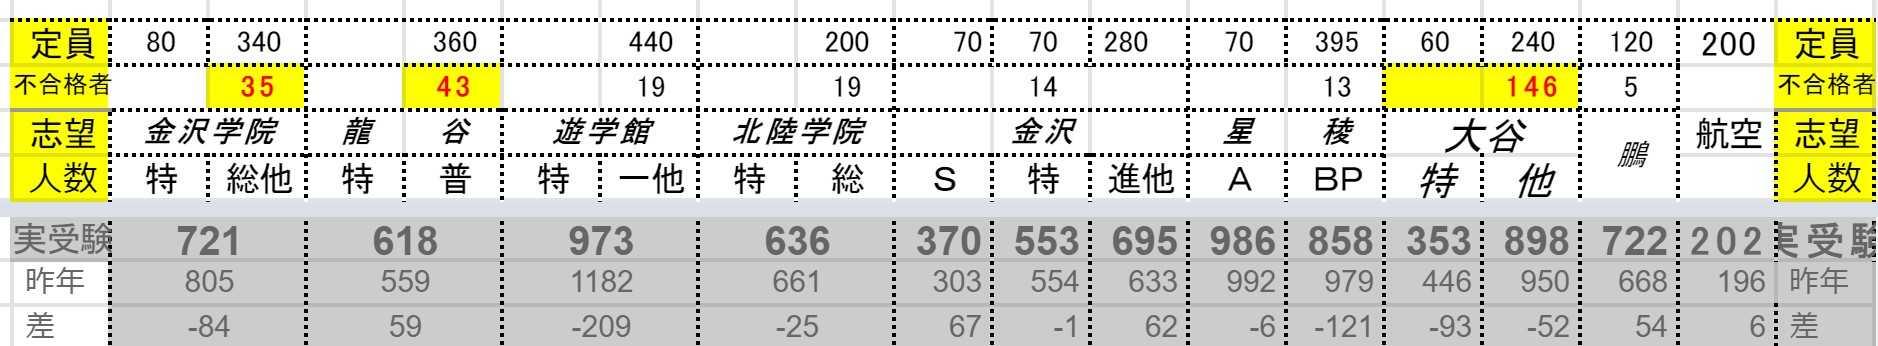 2021 石川 県 高校 倍率